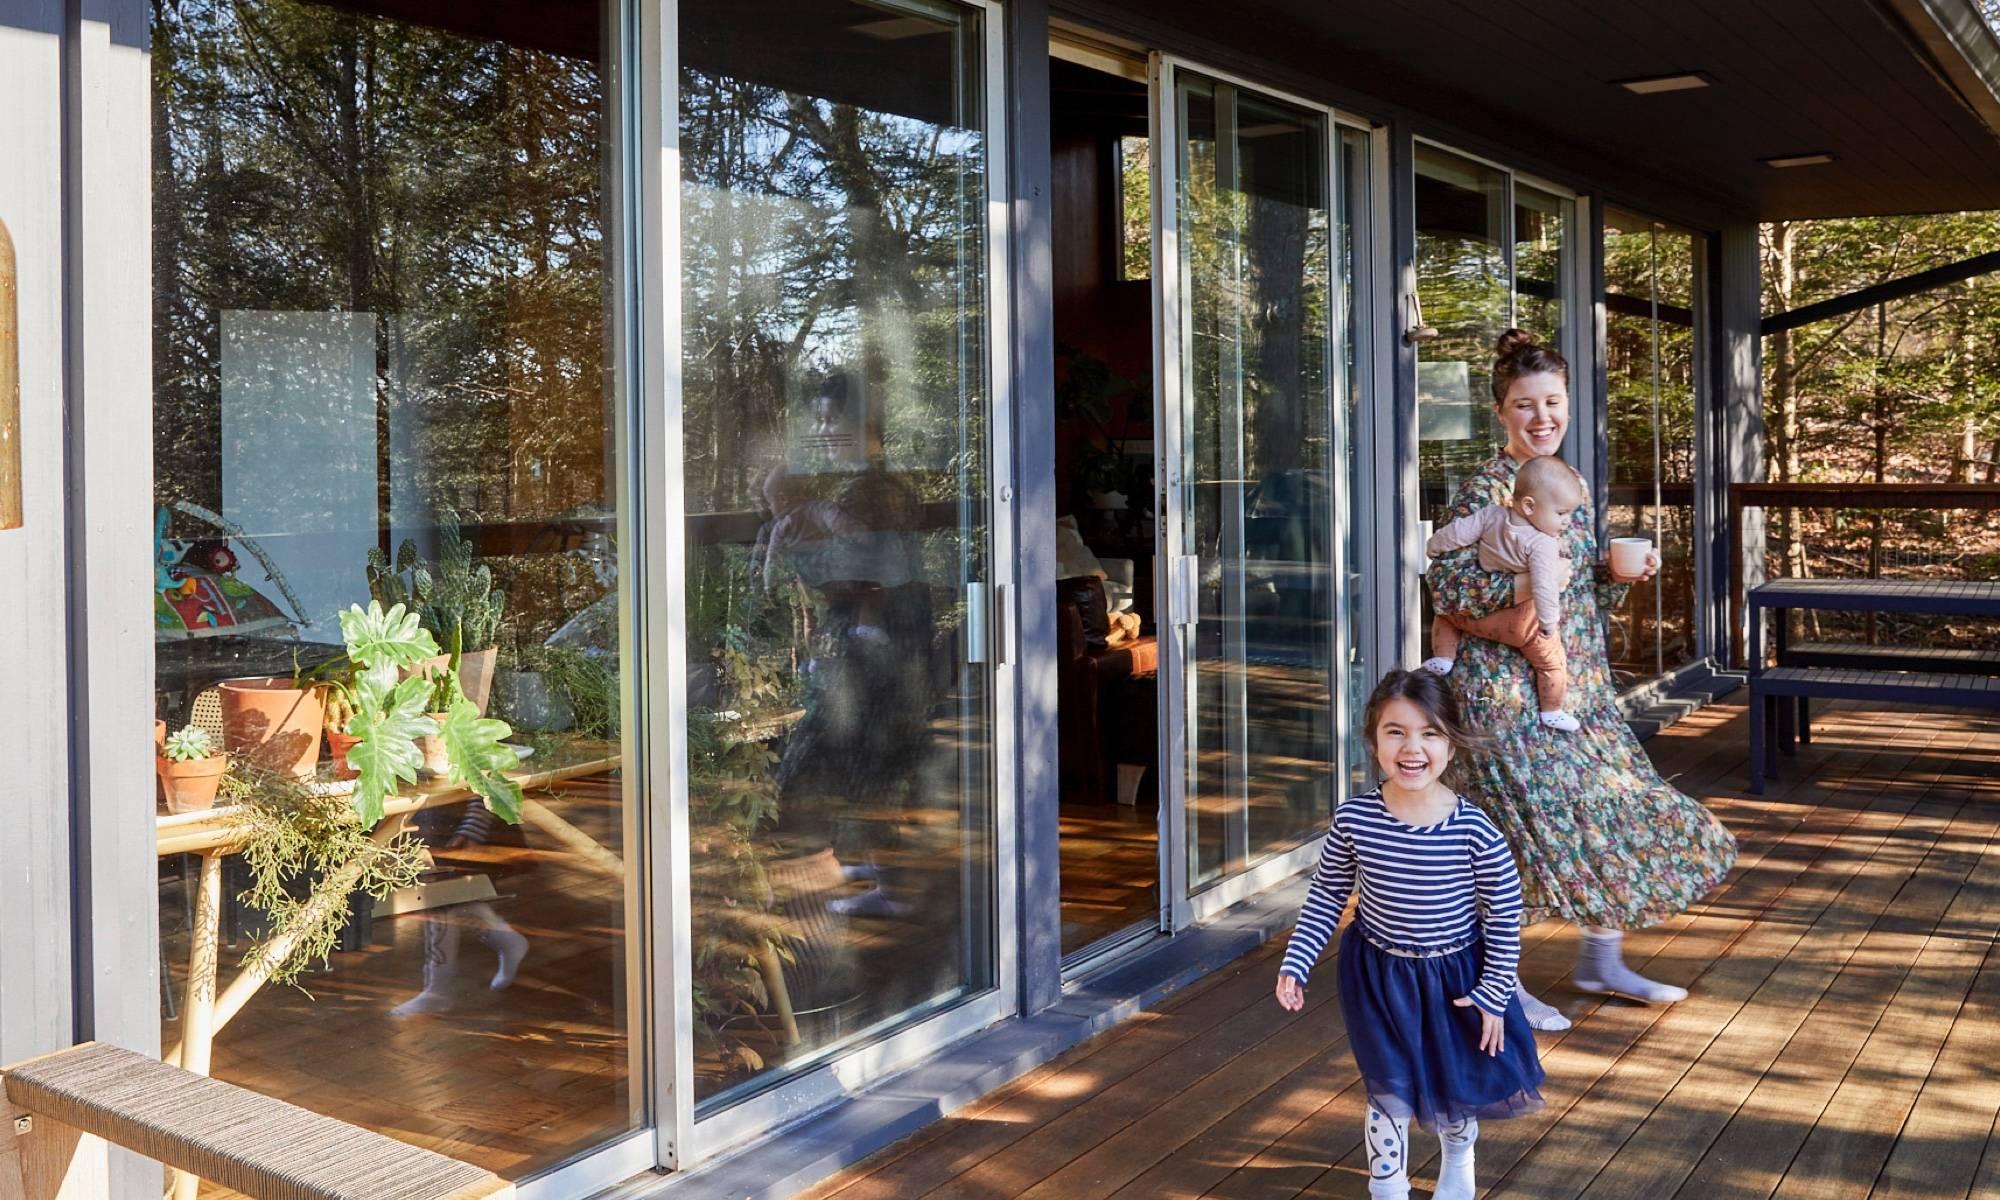 Kate Jordan outside her midcentury modern home.